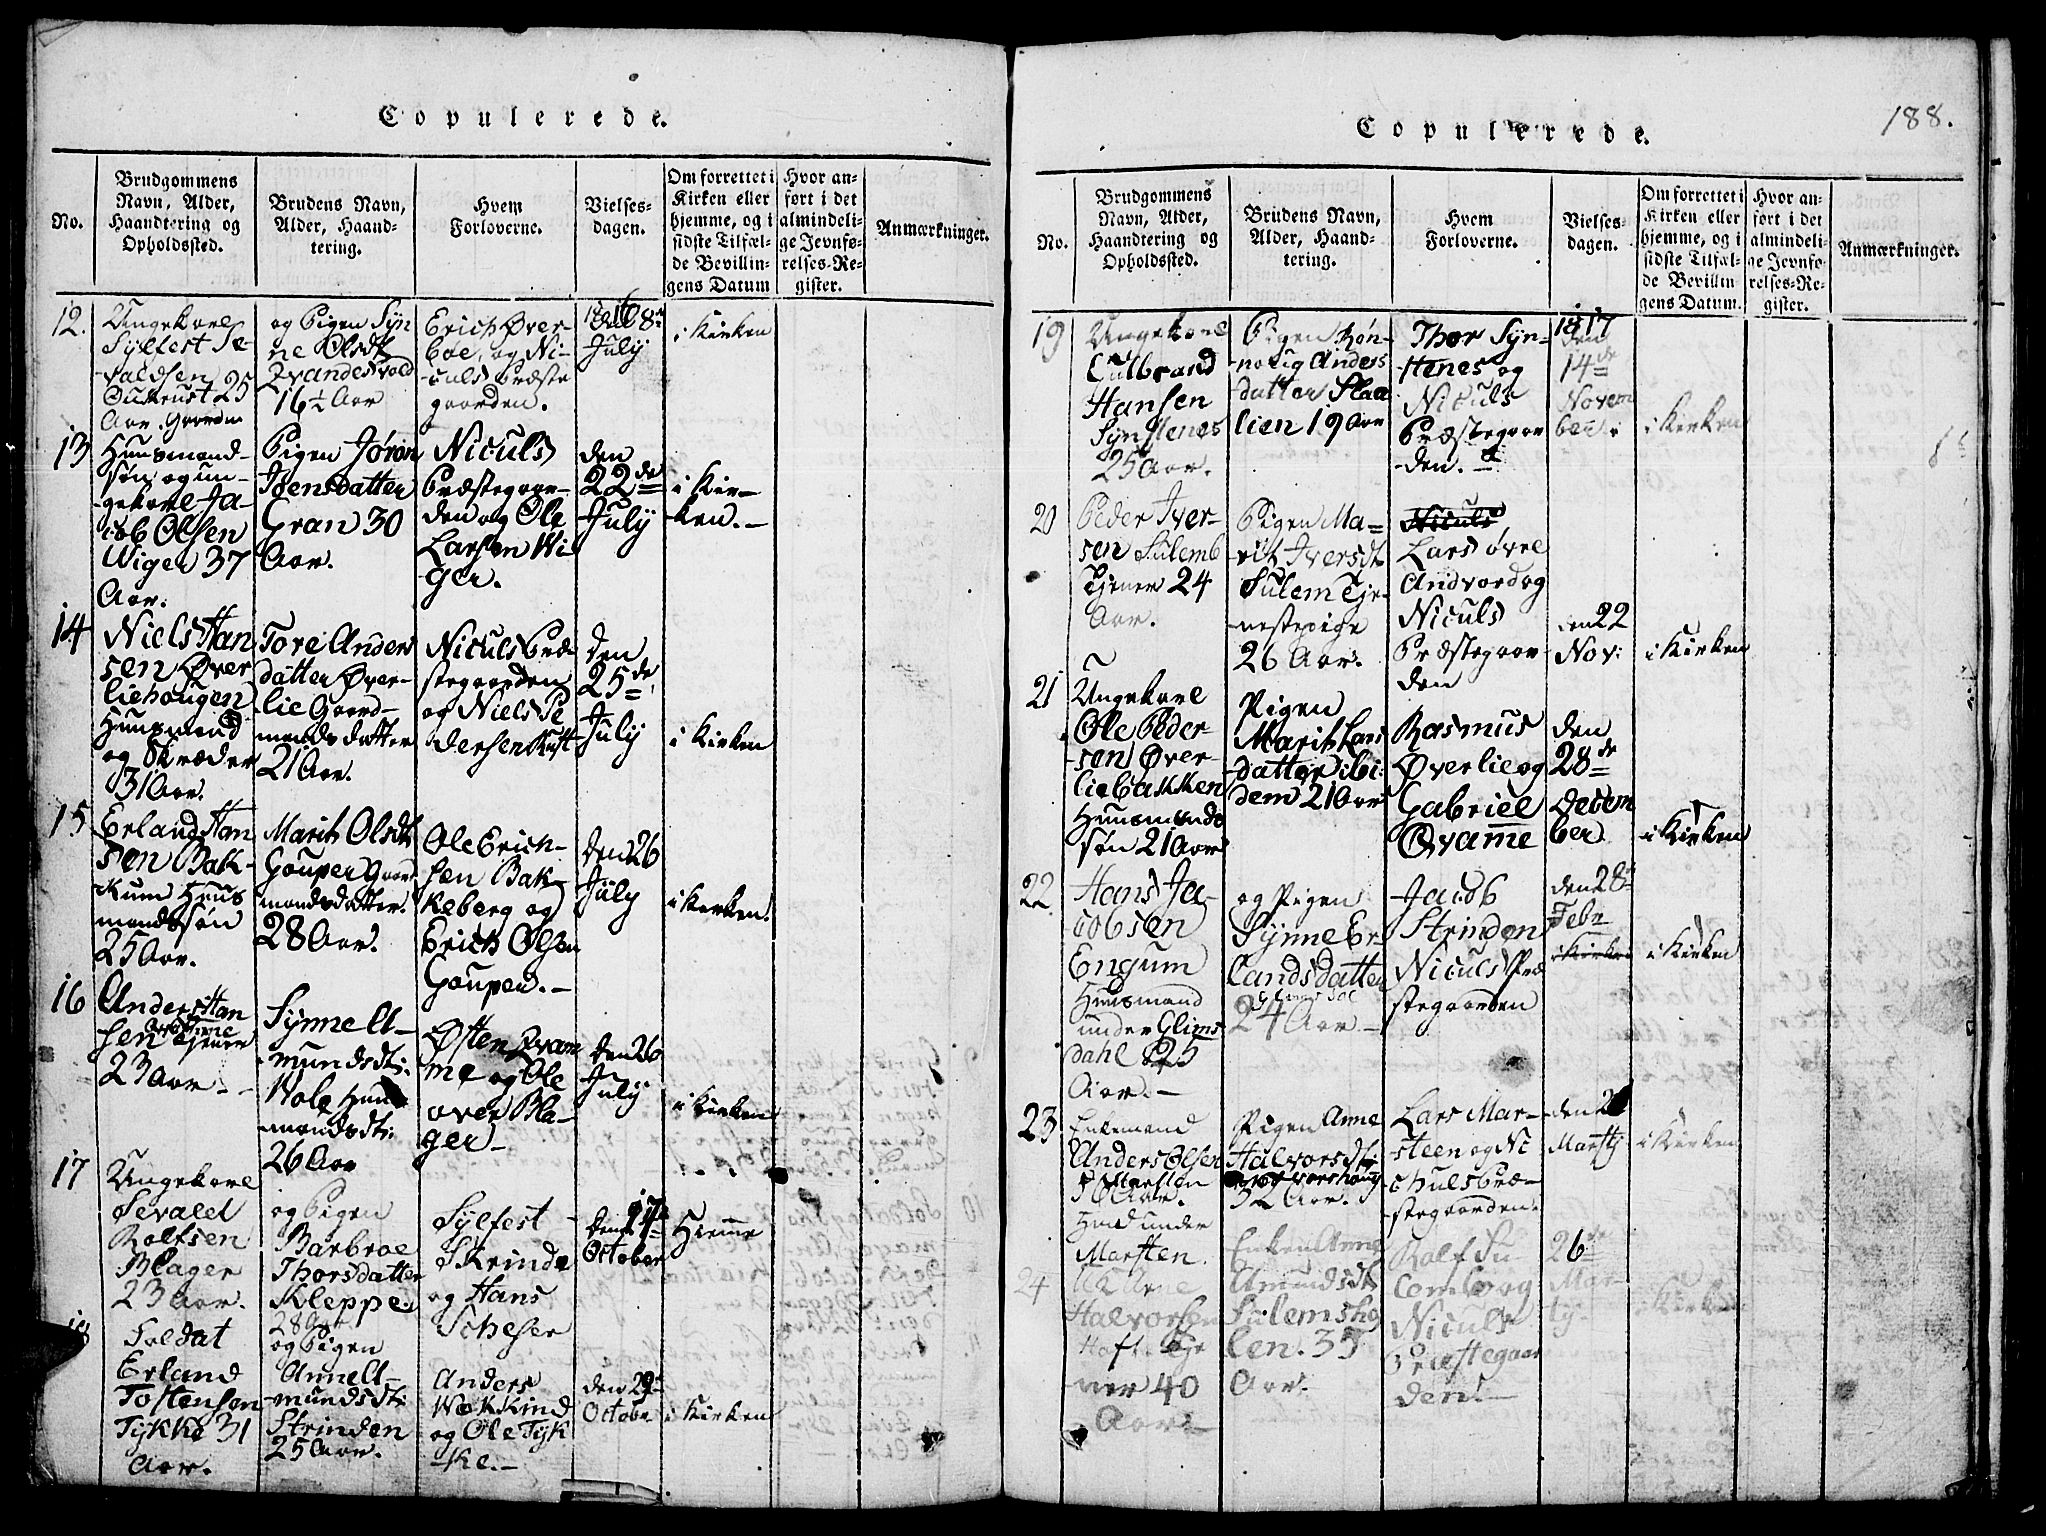 SAH, Lom prestekontor, L/L0001: Klokkerbok nr. 1, 1815-1836, s. 188